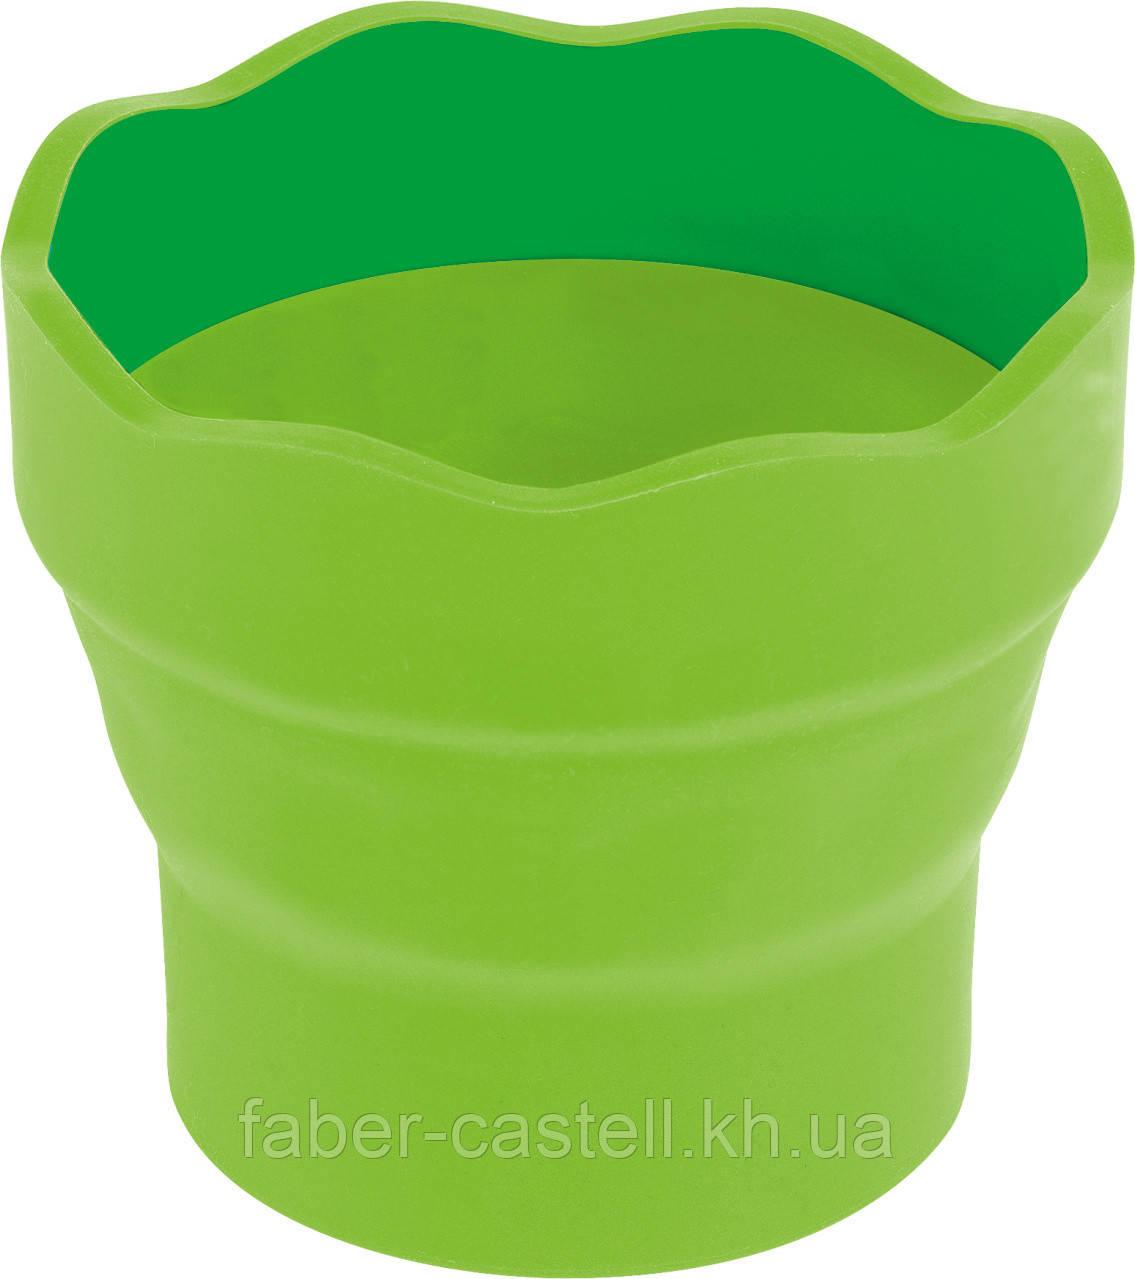 Стакан для воды Faber-Castell CLIC & GO  складной, светло-зеленый 181570